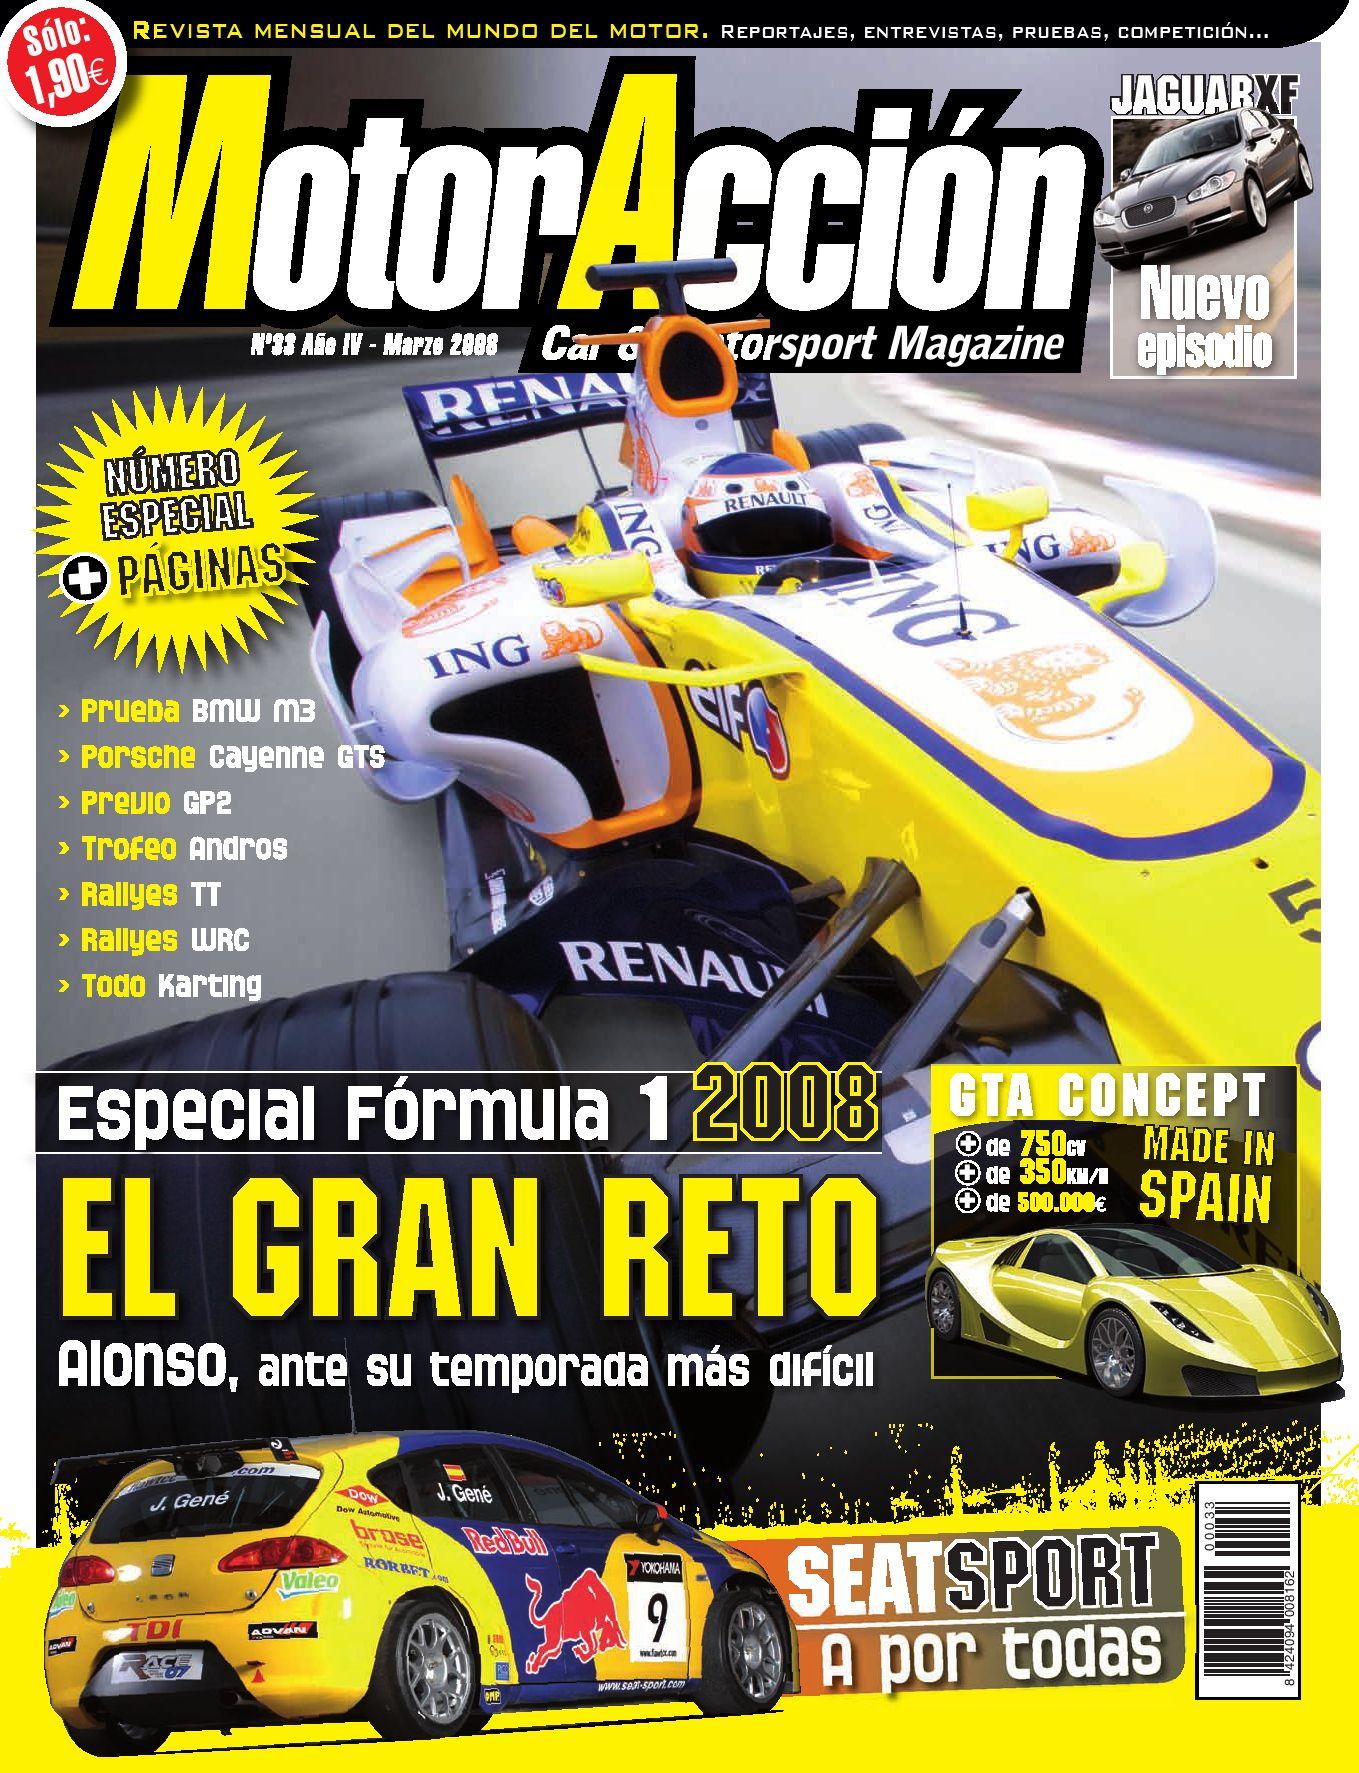 MotorAcción 33 (marzo 2008) by Motoraccion Revista mensual - issuu